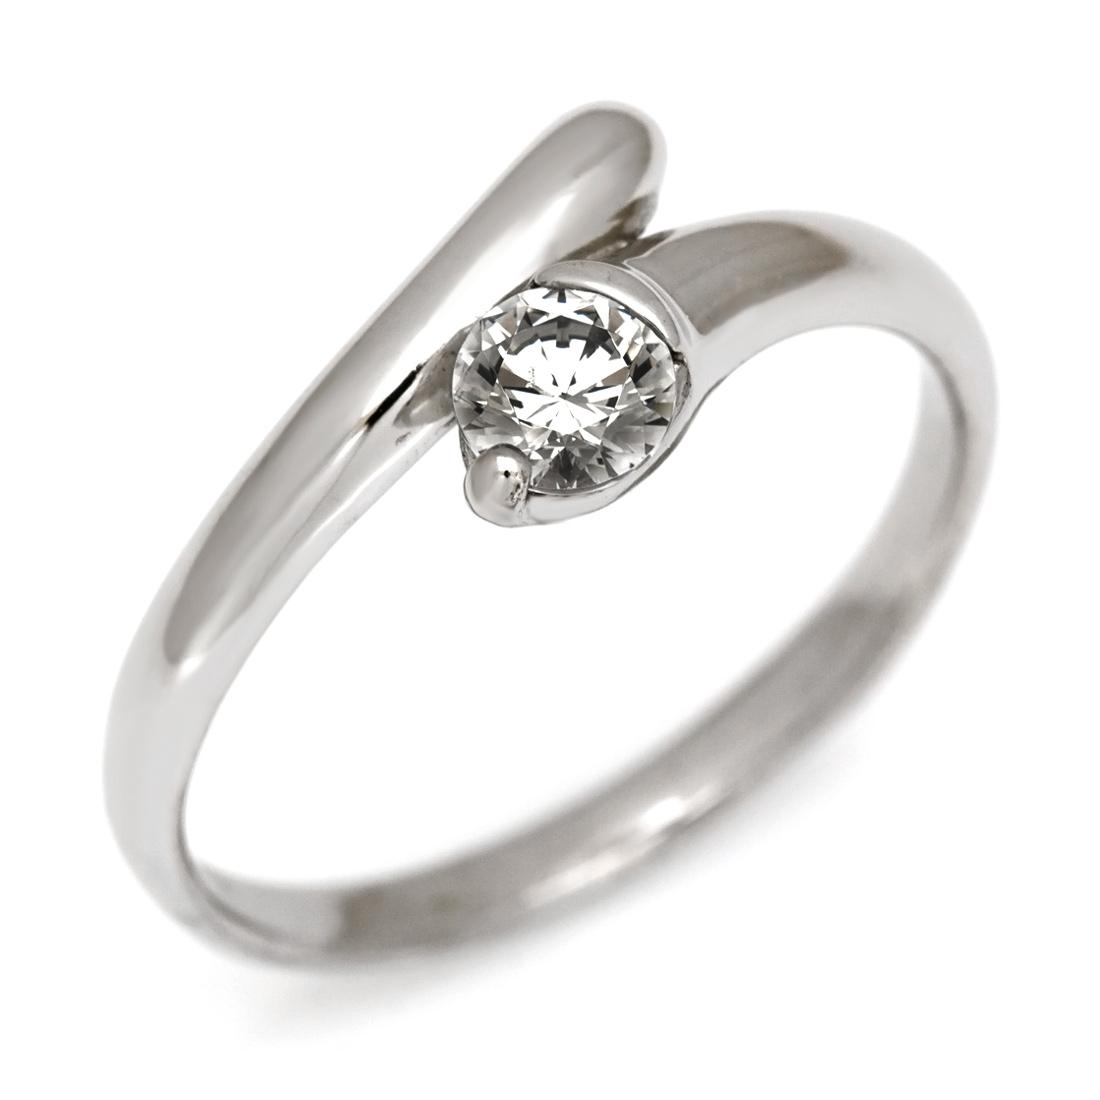 【GWクーポン配布中】リング ダイヤモンド 0.3カラット ゴールド K18 送料無料